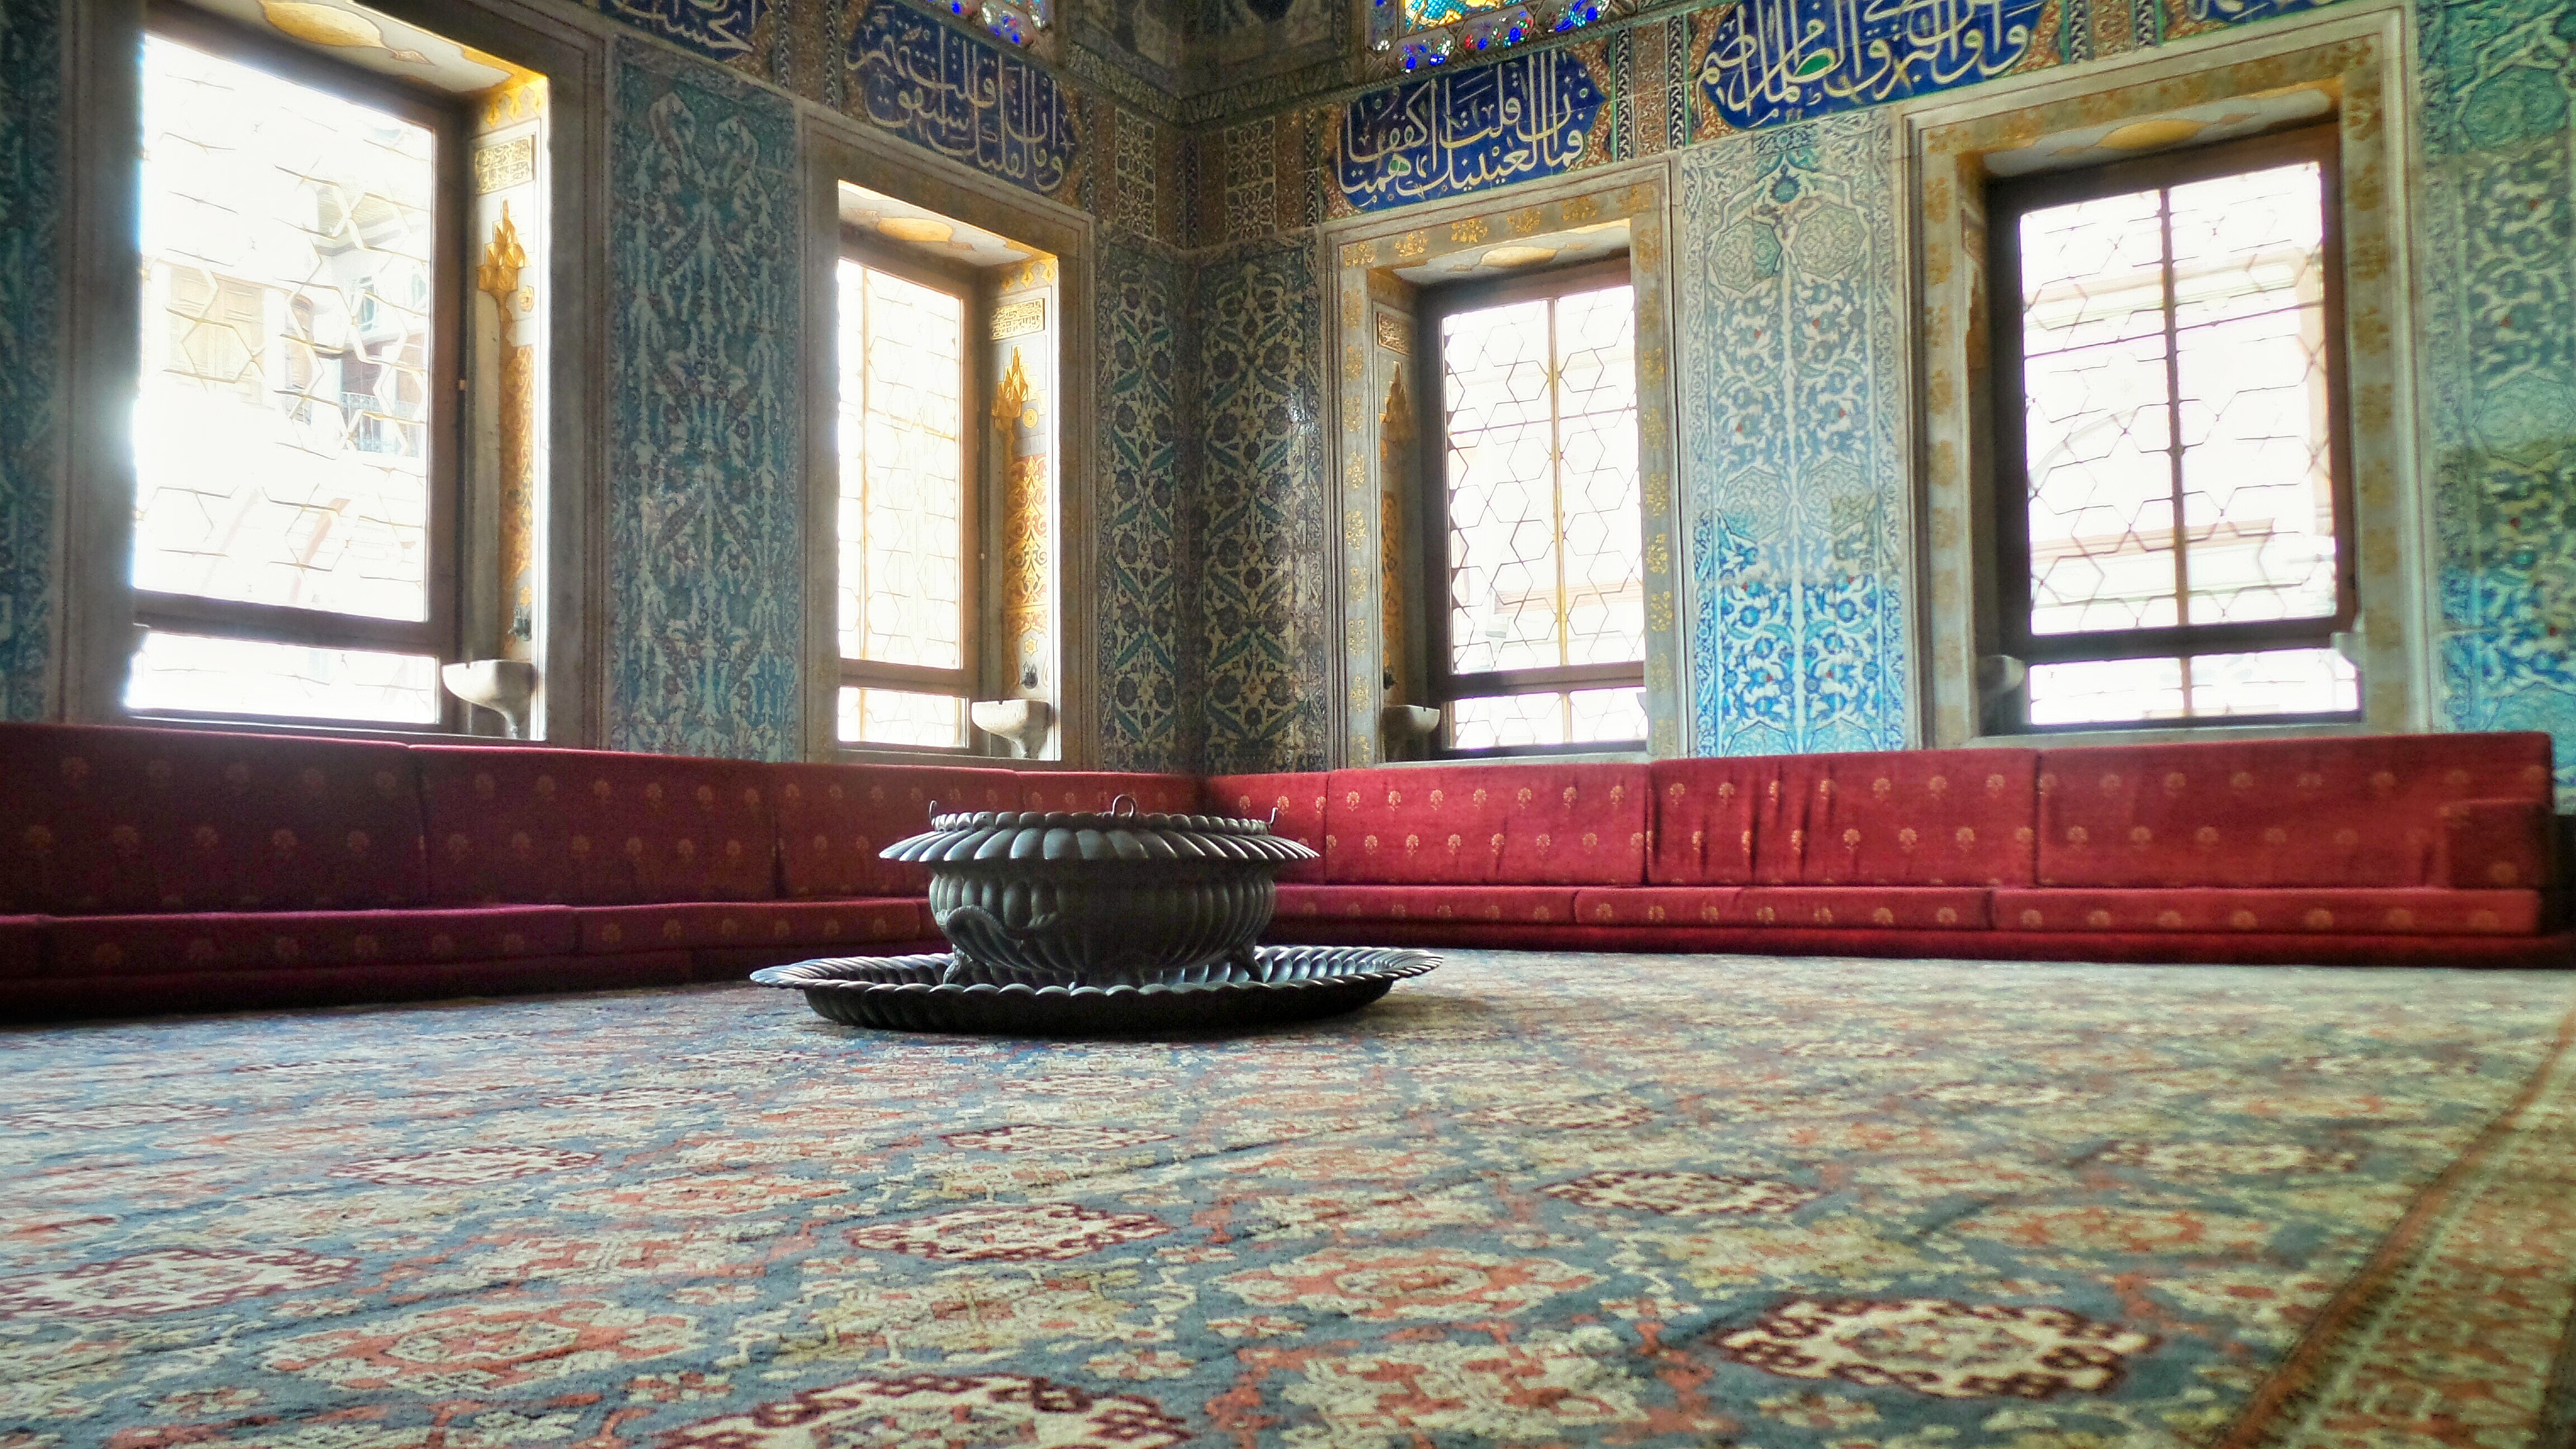 Flickr - La stanza del sultano